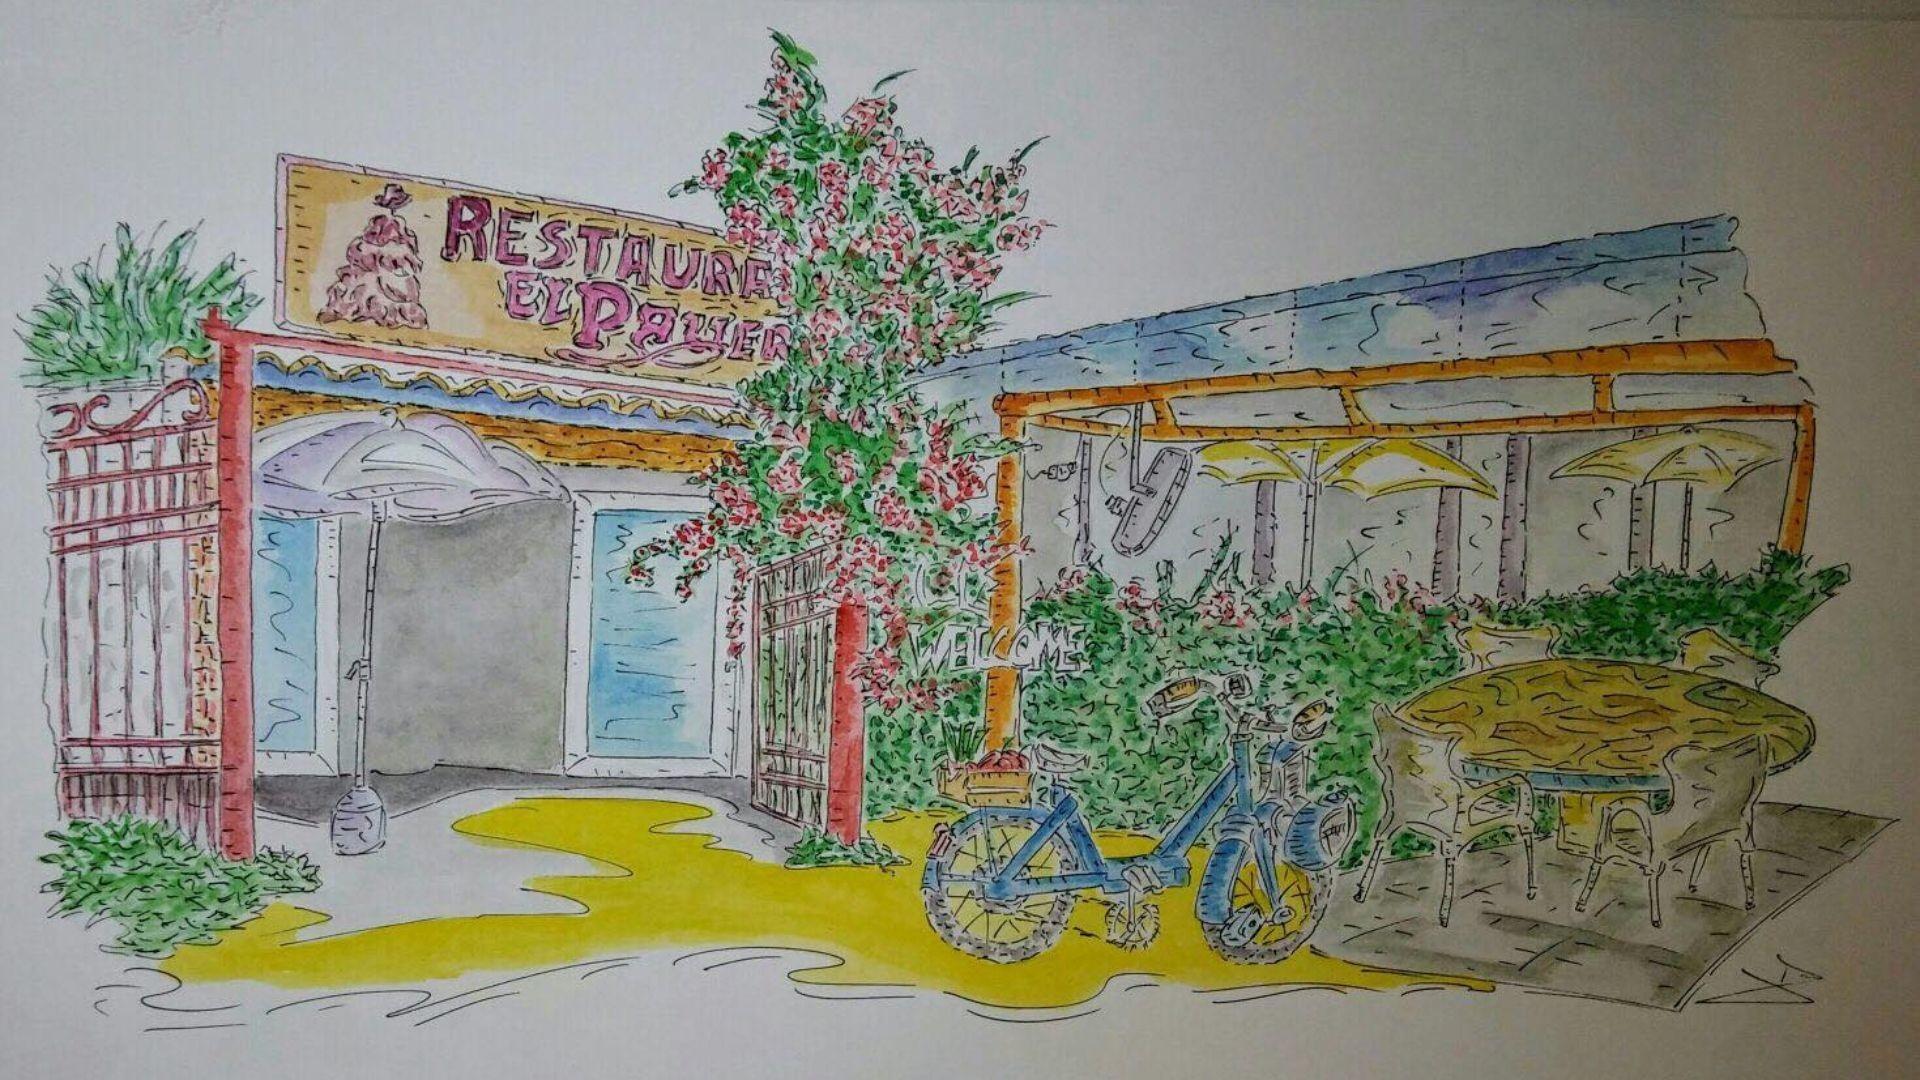 Restaurante especializado cocina catalana